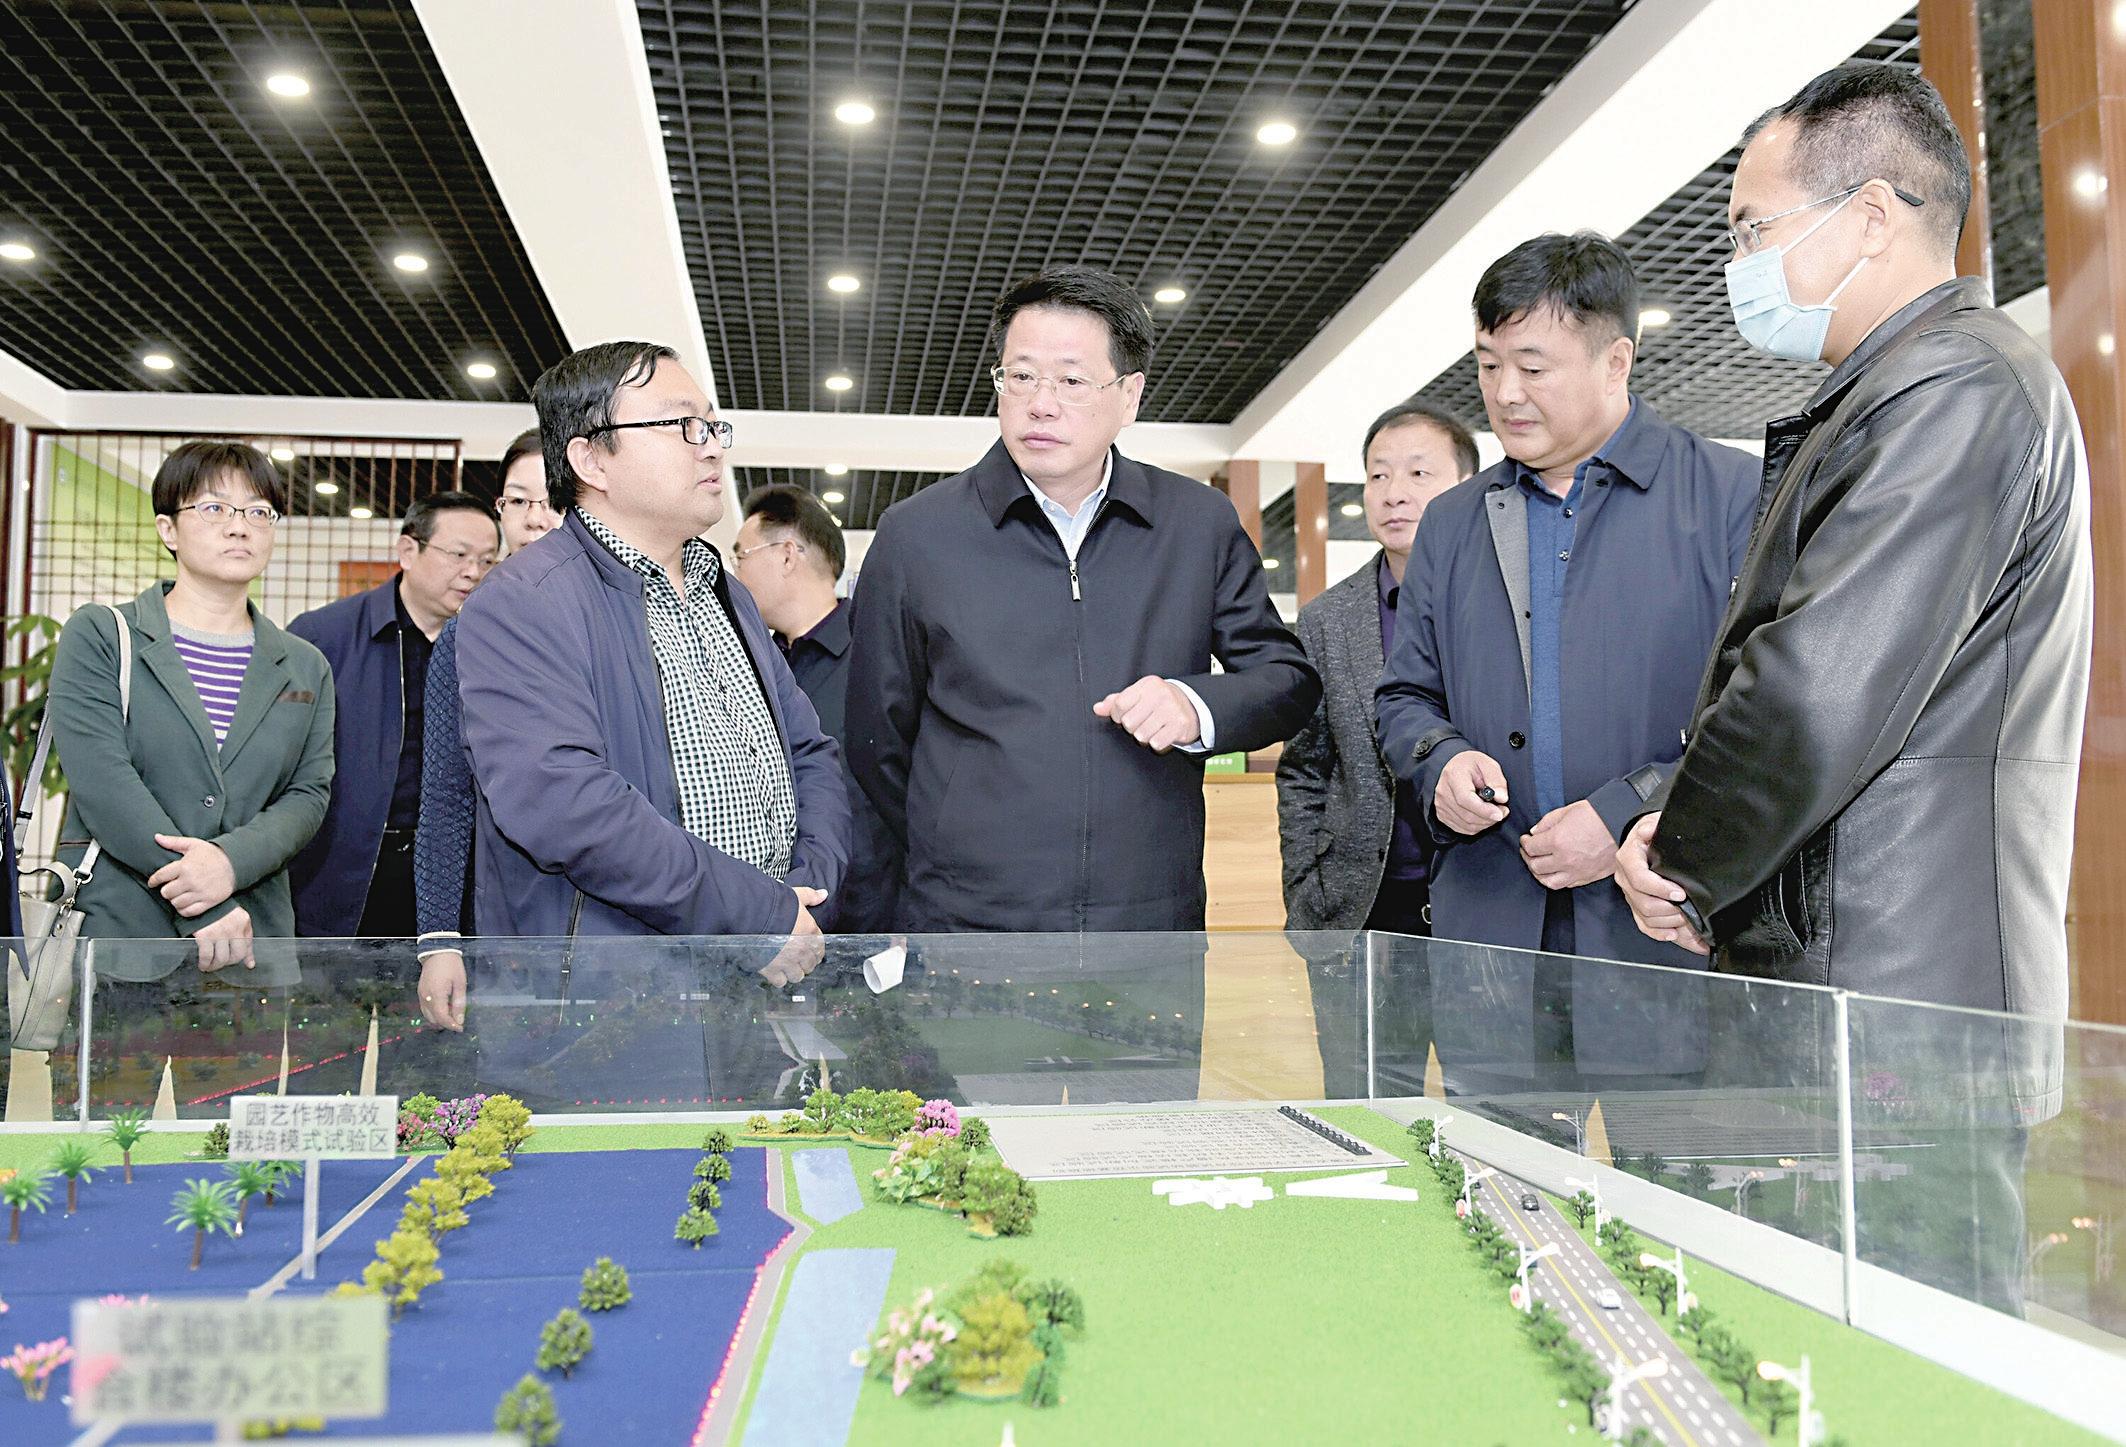 杨光荣到基层宣讲党的十九届五中全会精神